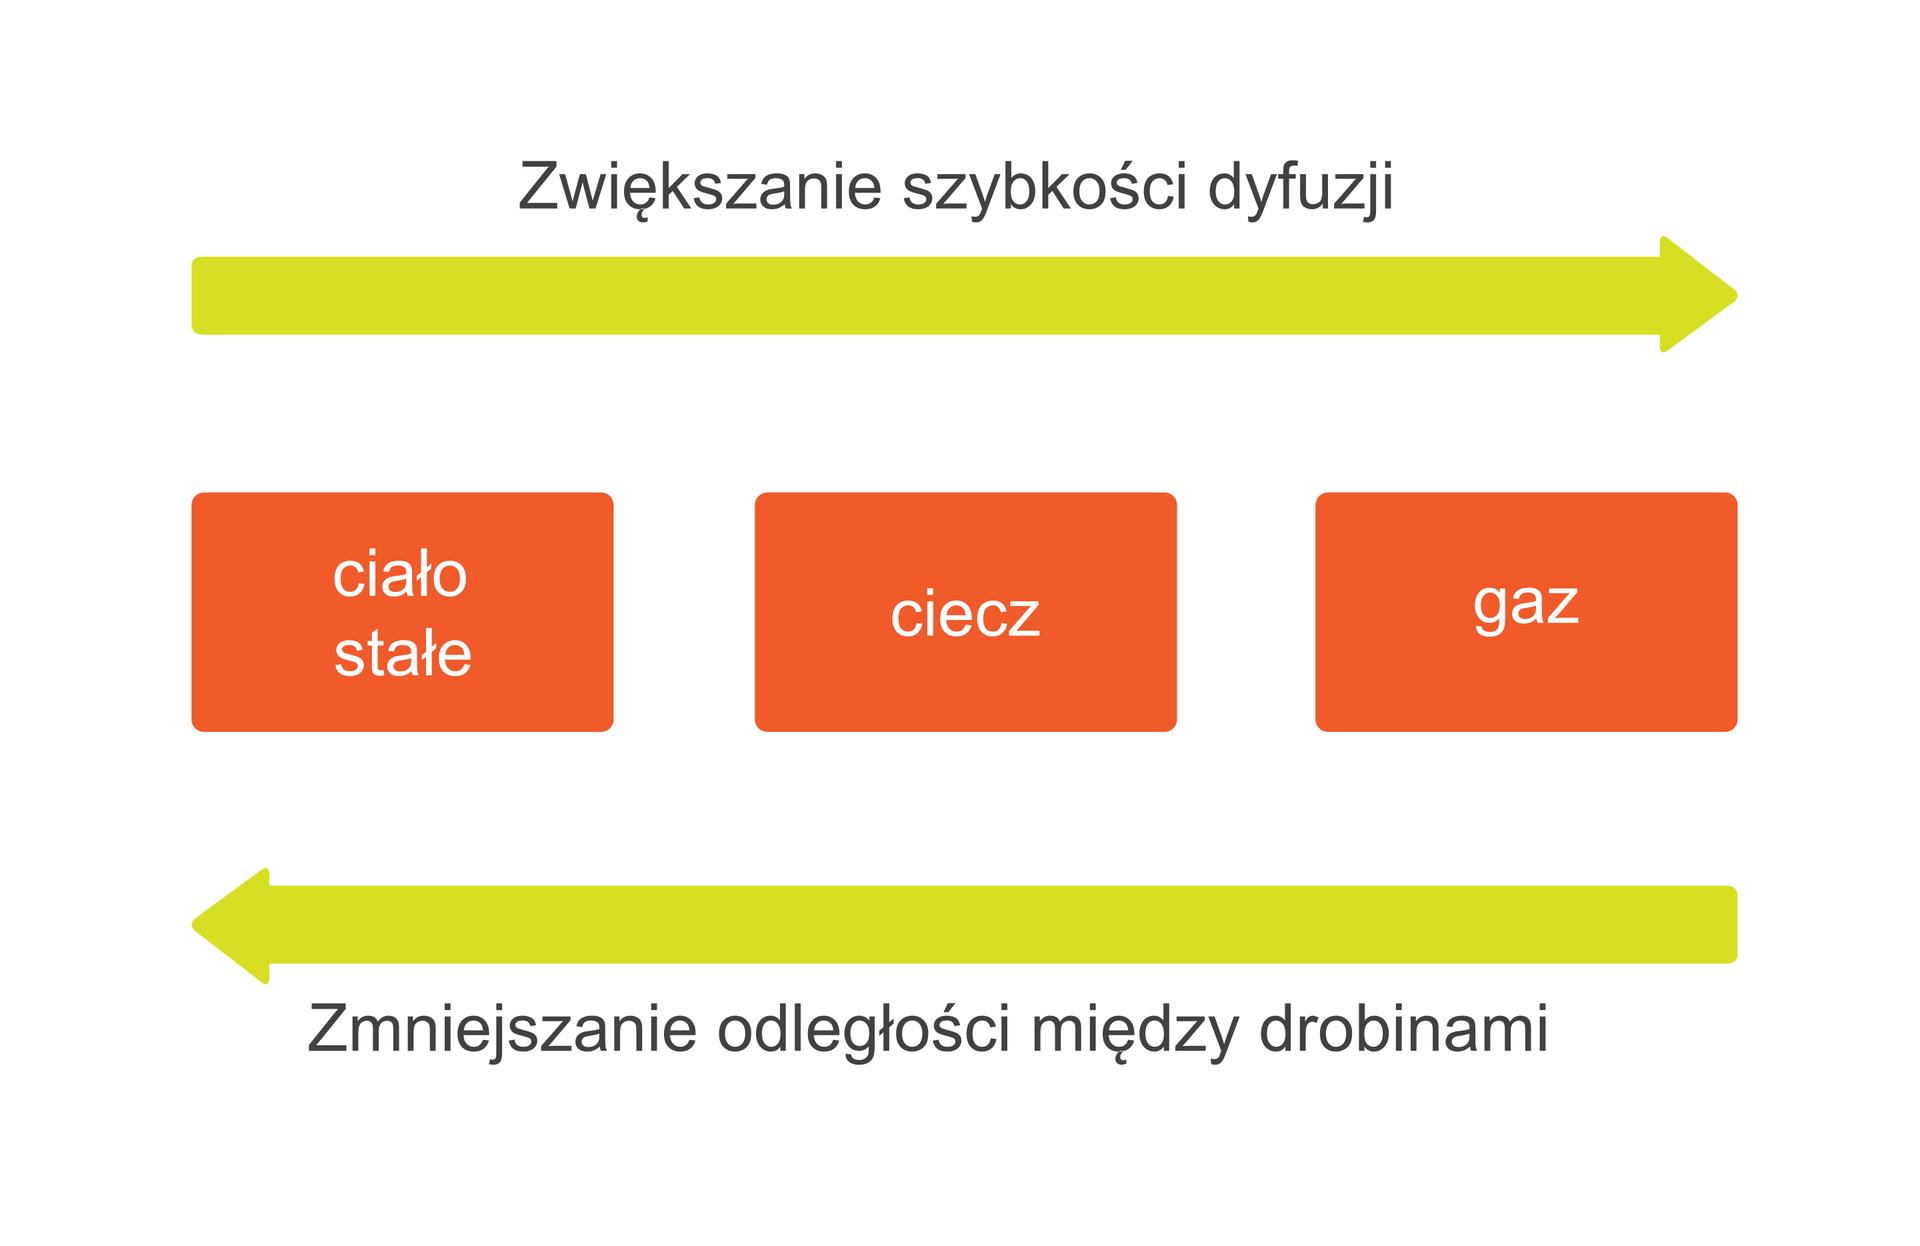 Ilustracja prezentuje zależność szybkości przebiegu dyfuzji od stanu skupienia materii, czyli odległości pomiędzy jej drobinami. Wgórnej części rysunku znajduje się żółta pozioma strzałka skierowana wprawo podpisana Zmniejszanie szybkości dyfuzji, awdolnej części znajduje się żółta pozioma strzałka skierowana wlewo podpisana Zmniejszenie odległości pomiędzy drobinami. Pomiędzy nimi umieszczono leżące obok siebie trzy pomarańczowe prostokąty podpisane kolejno, licząc od lewej, ciało stałe, ciecz igaz. Taka postać grafiki informuje, że ciała stałe, ciecze igazy różnią się od siebie odległością pomiędzy cząsteczkami, iim odległość ta jest większa, tym proces dyfuzji zachodzi szybciej.